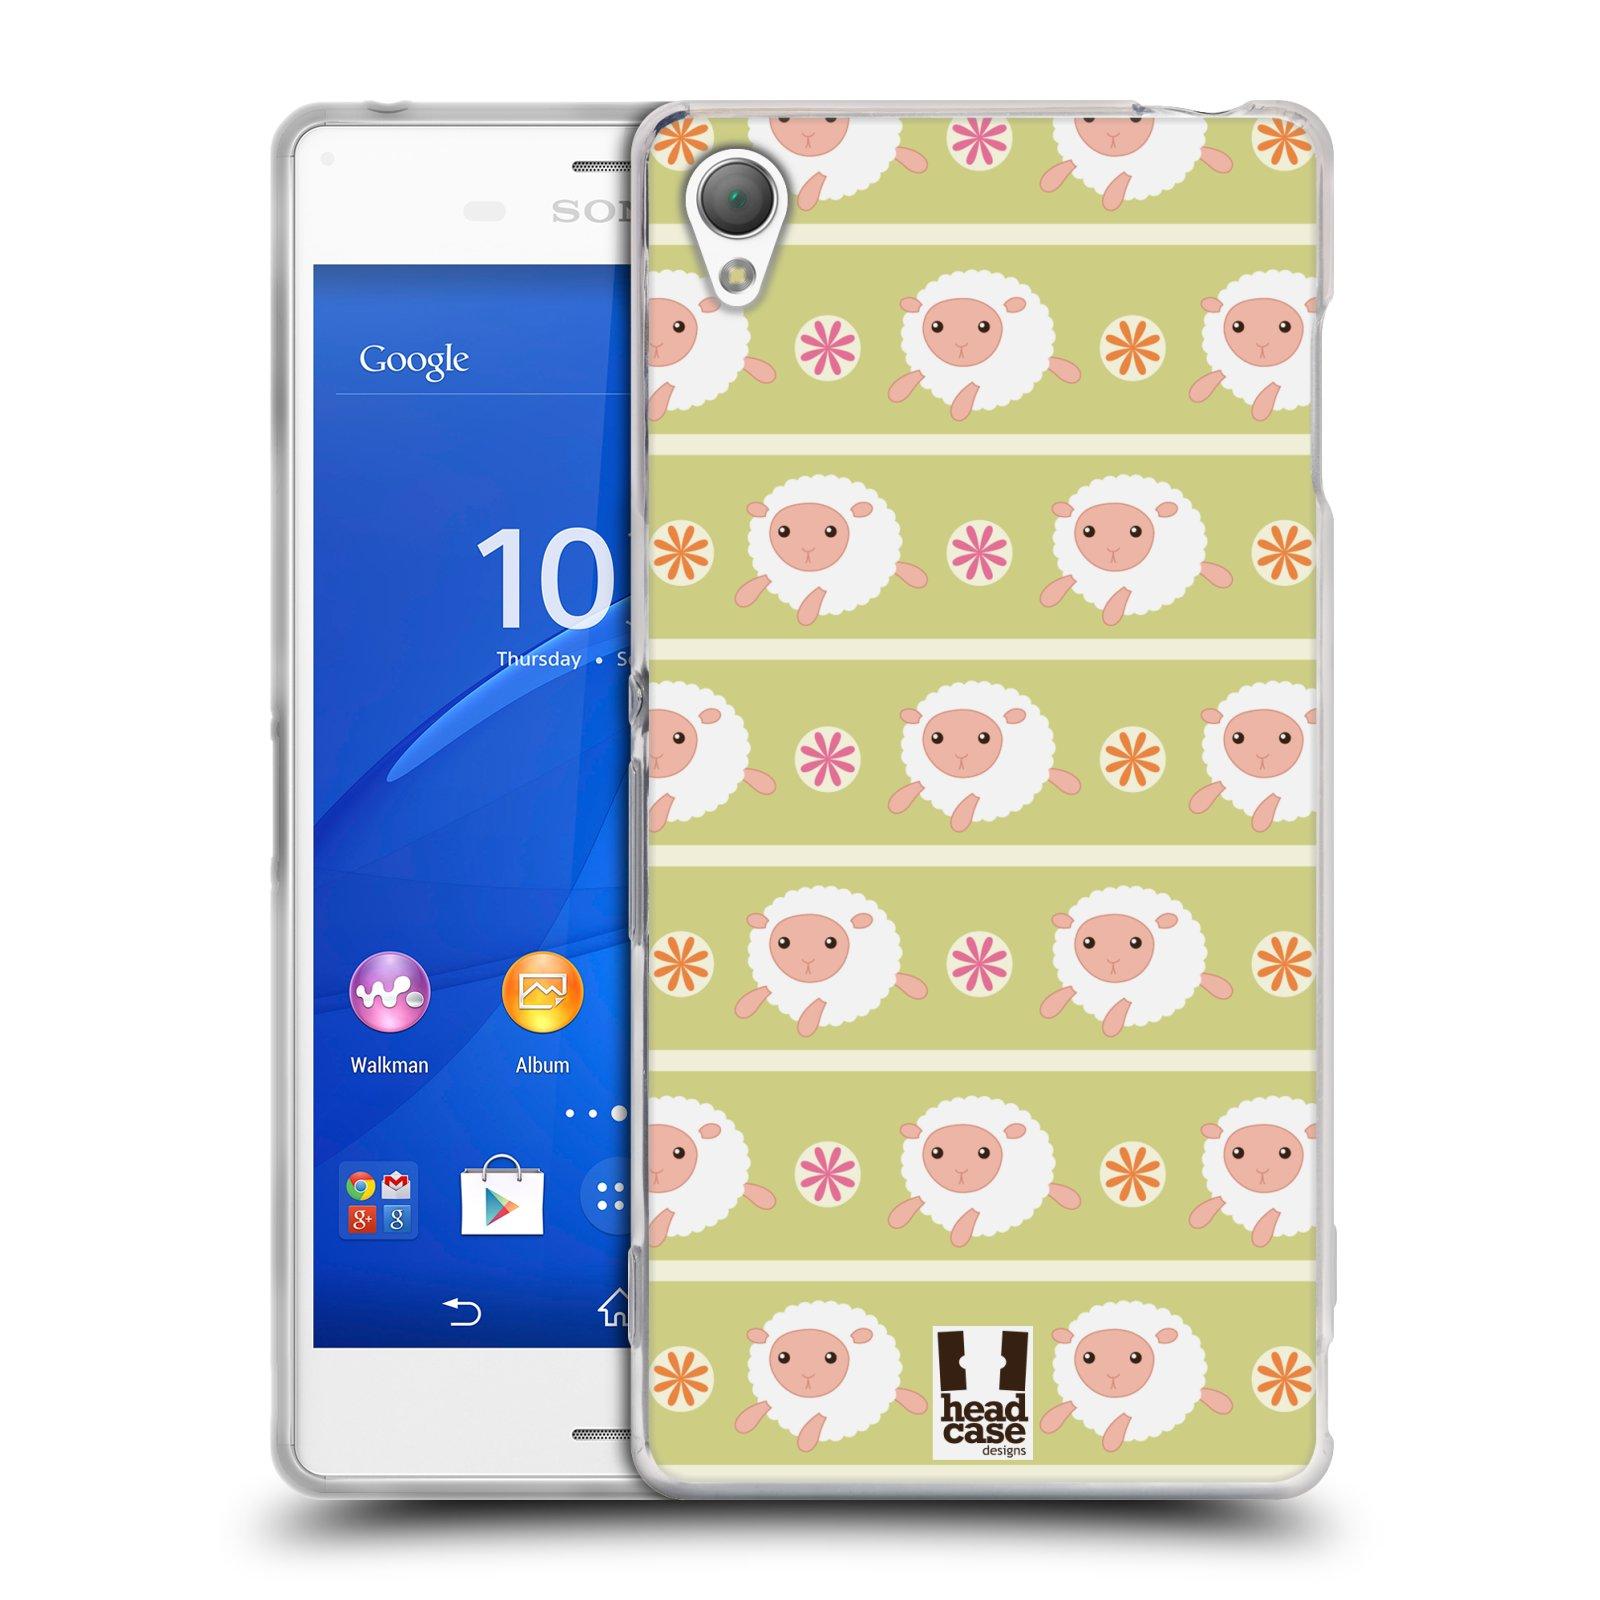 HEAD CASE silikonový obal na mobil Sony Xperia Z3 vzor roztomilé zvířecí vzory ovečky